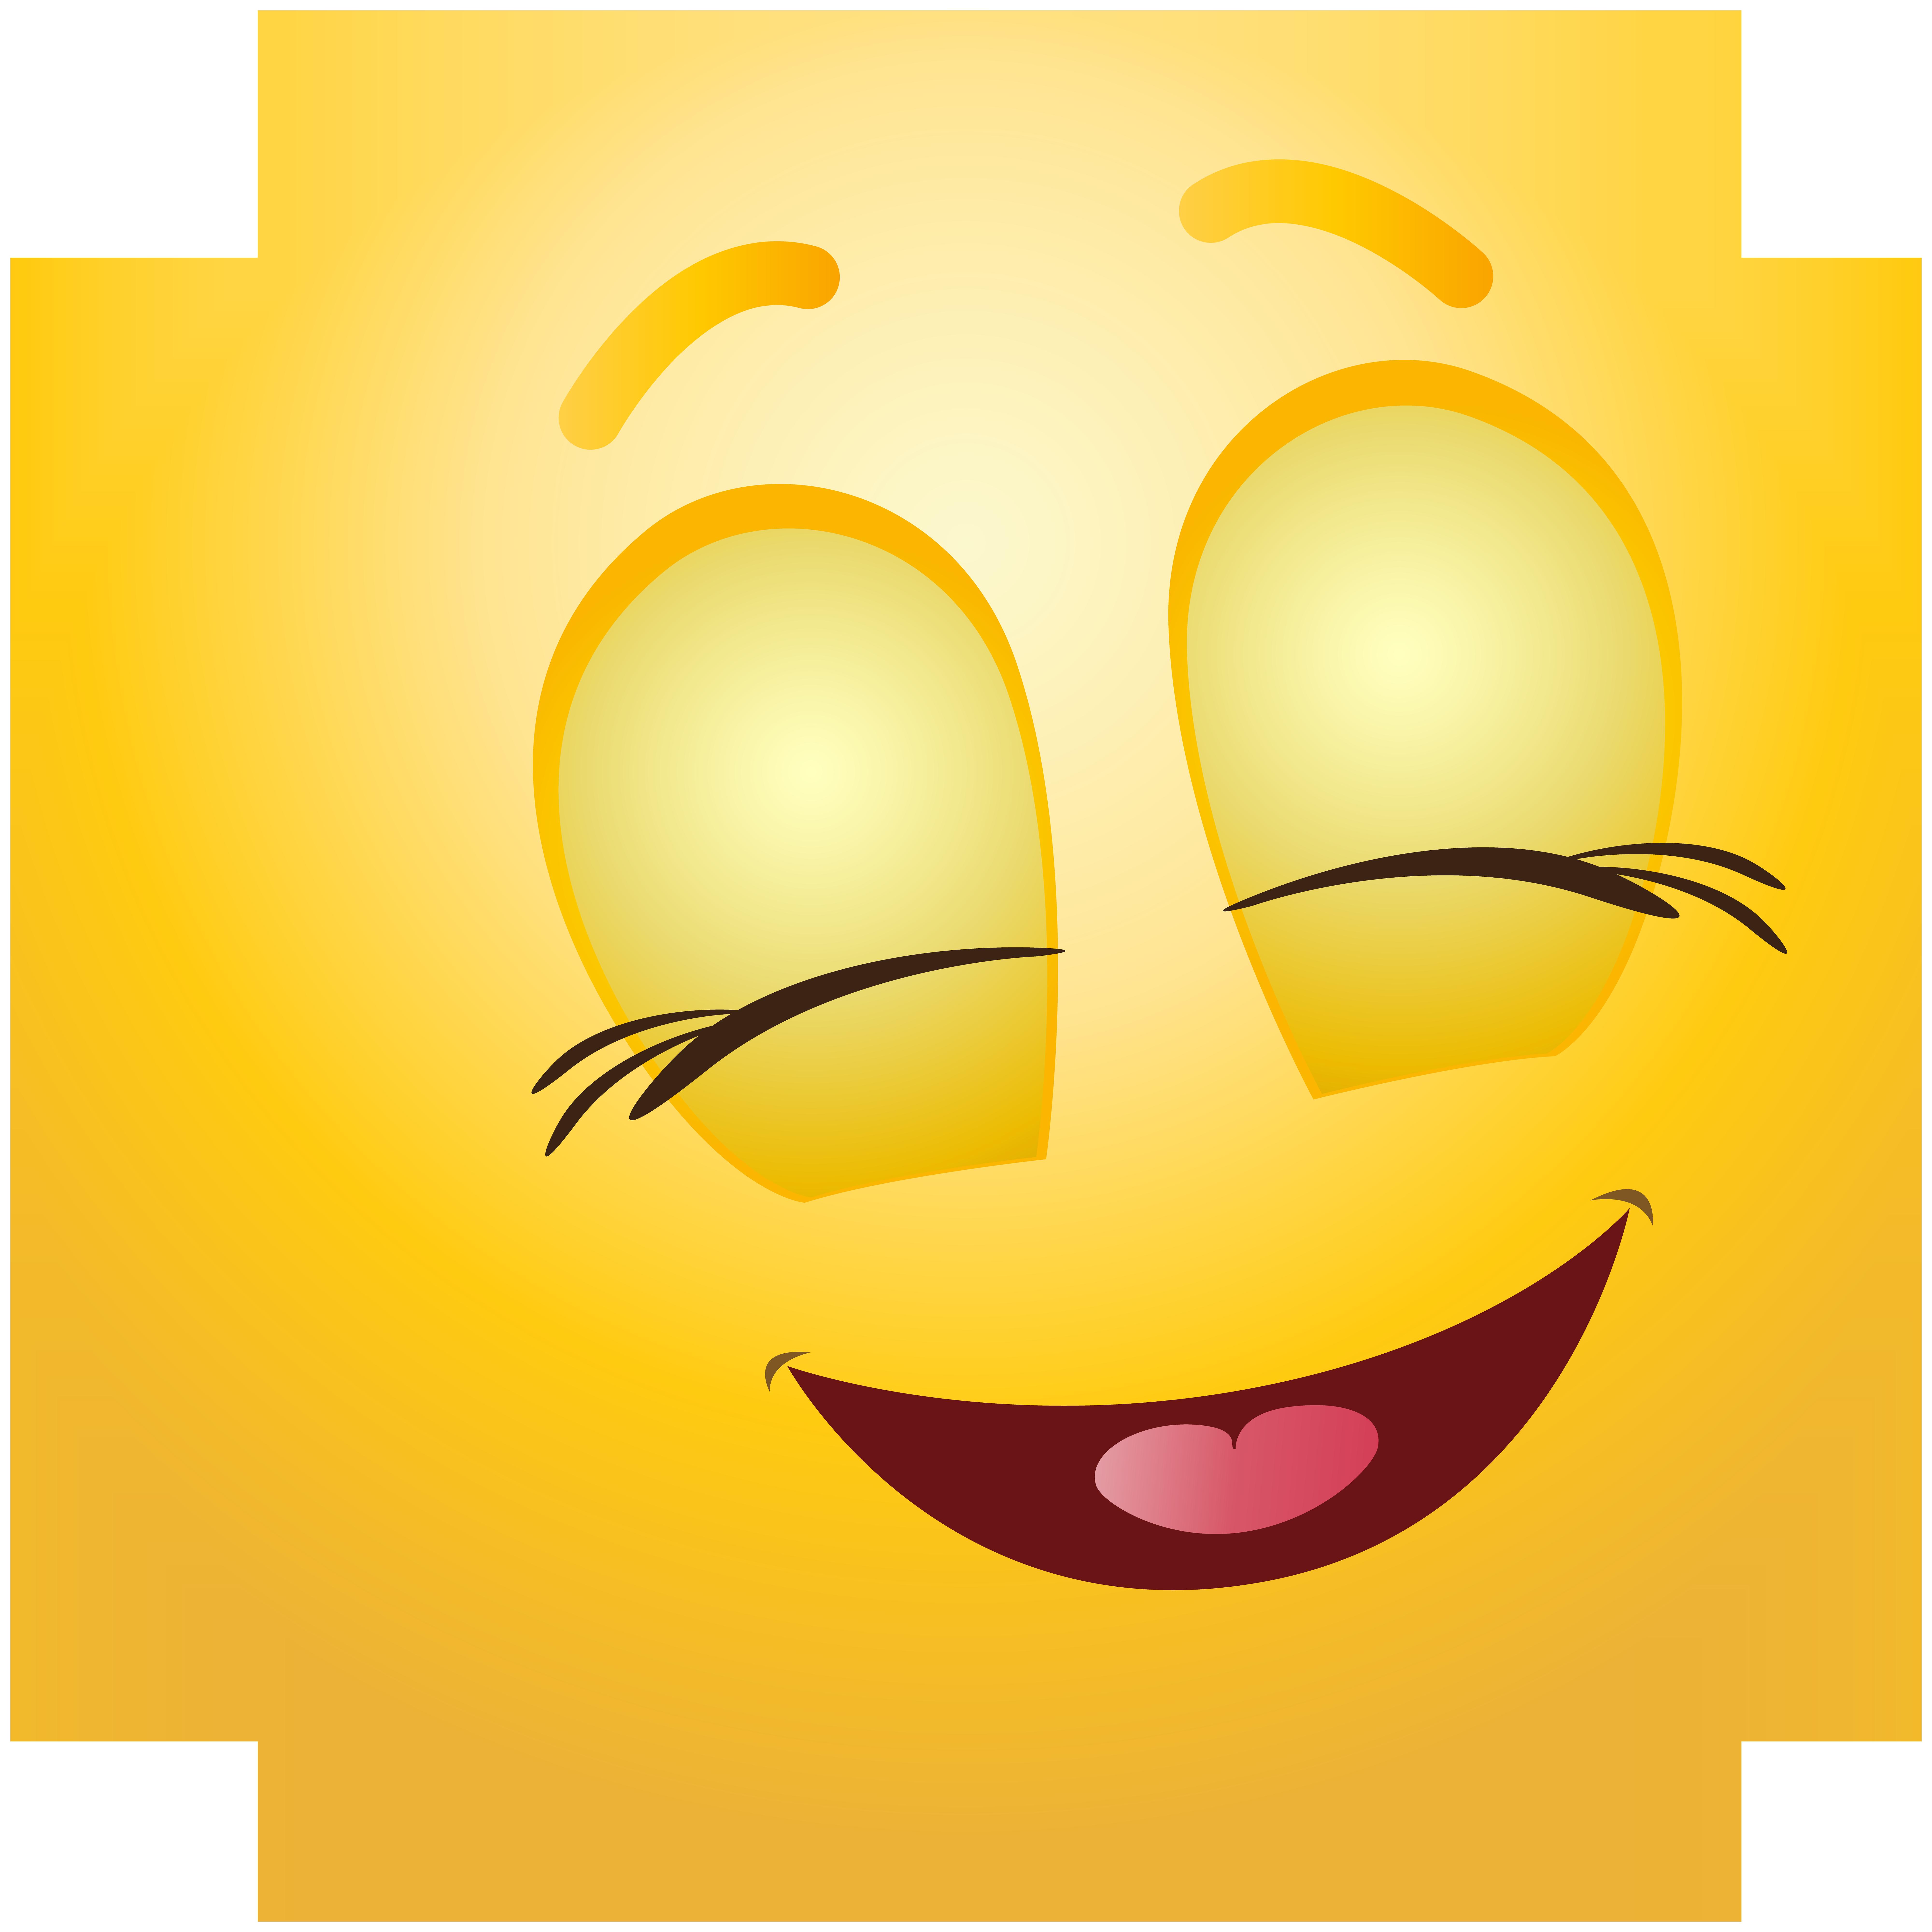 Emoticon Emoji Smiley Clip art.